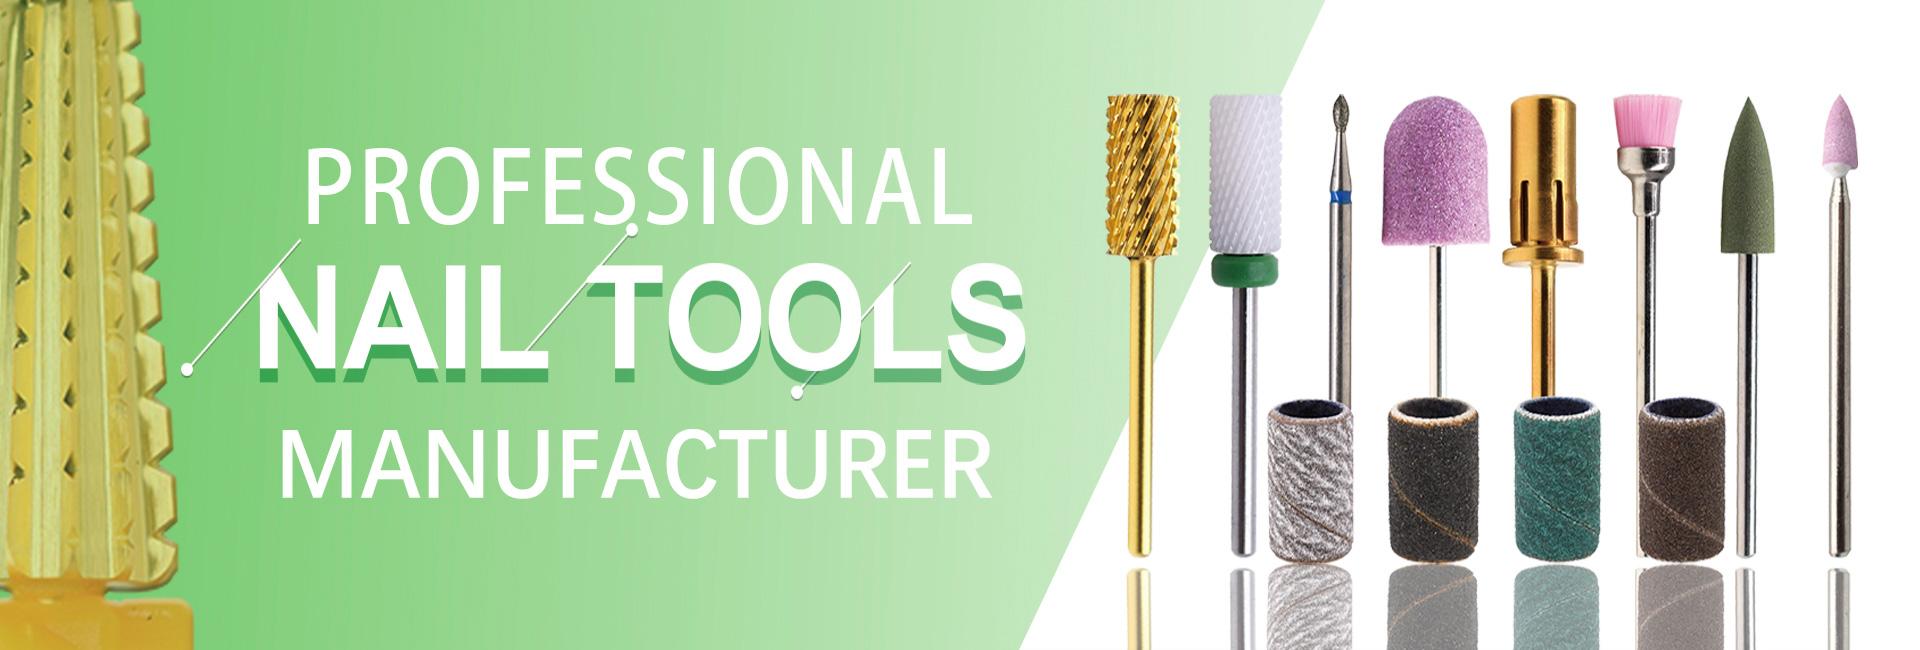 Professional Nail Tools